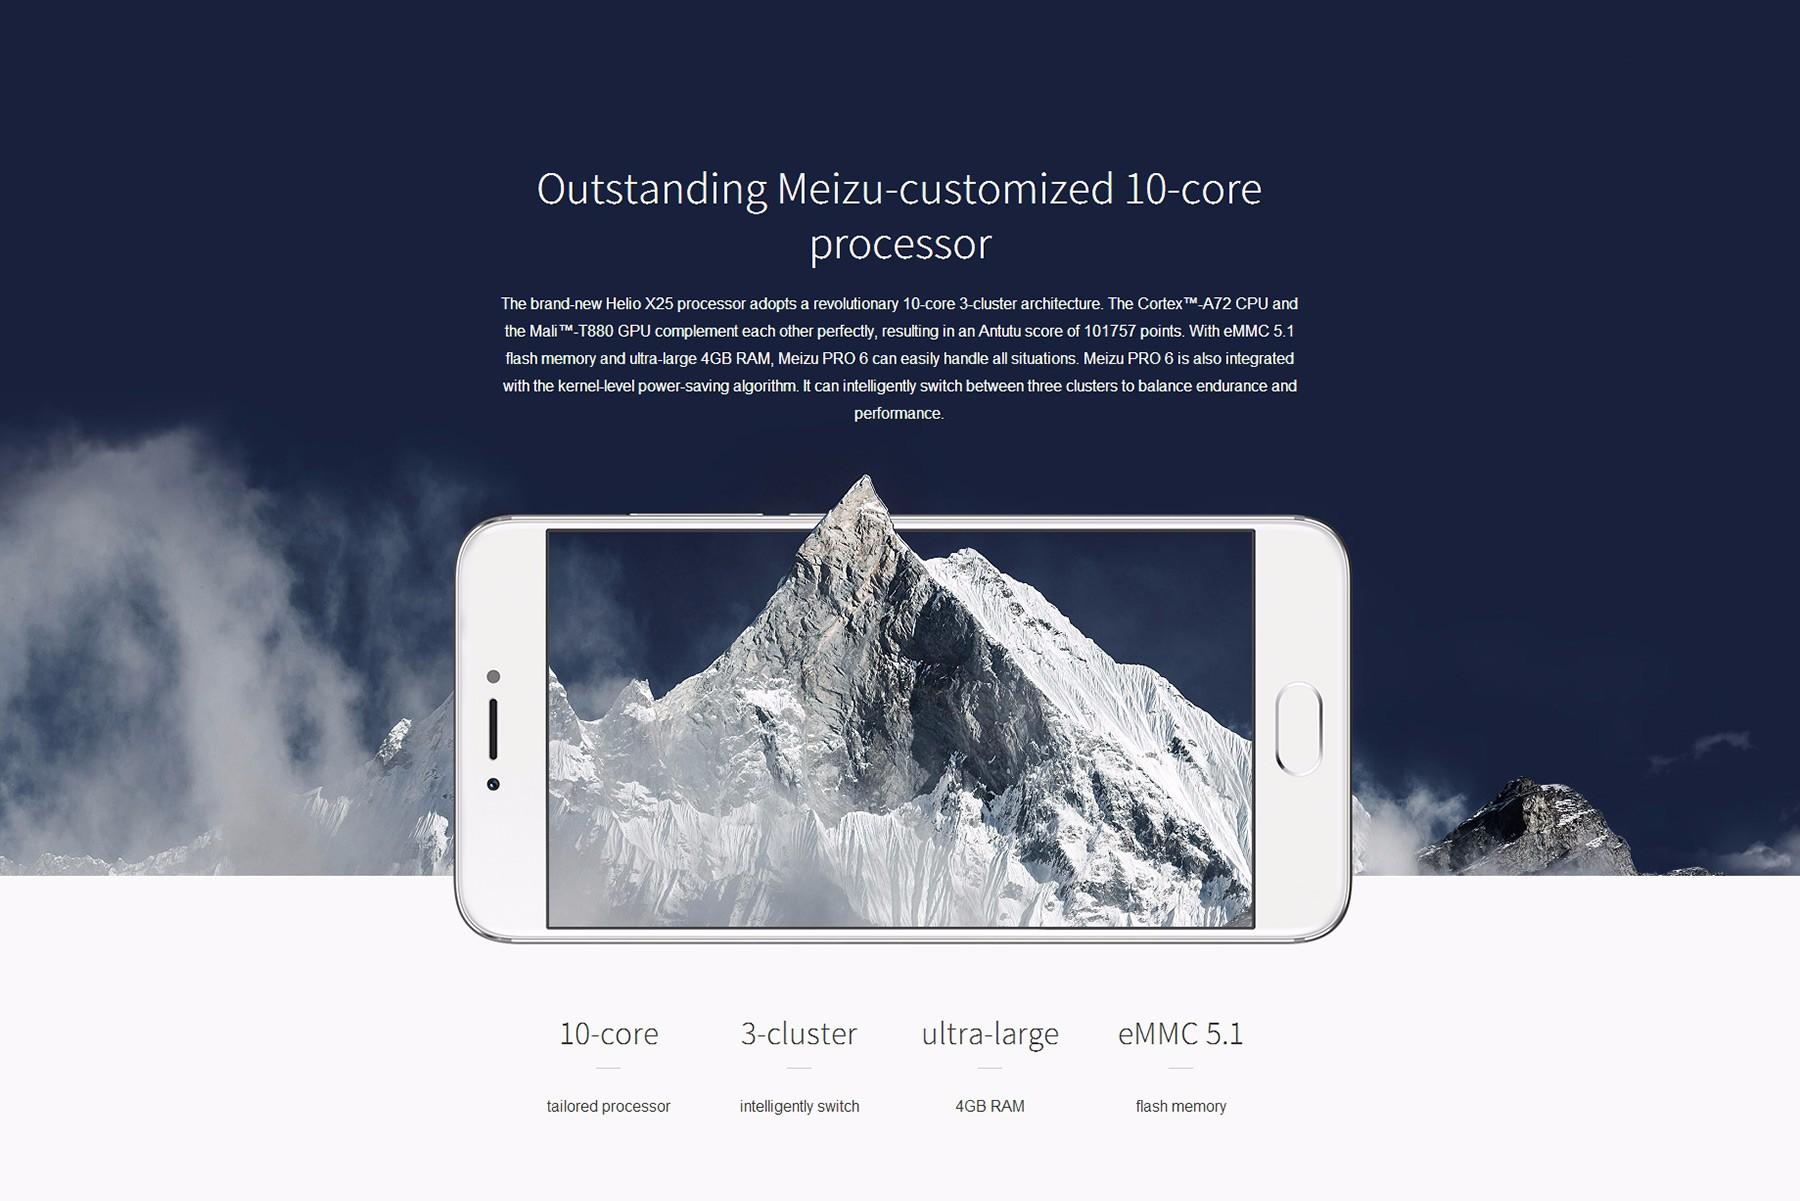 Meizu PRO 6, Antutu,Neuheiten 2016 Smartphone, China Smartphone, Neuheit, Preisvergleich, Chinahandy